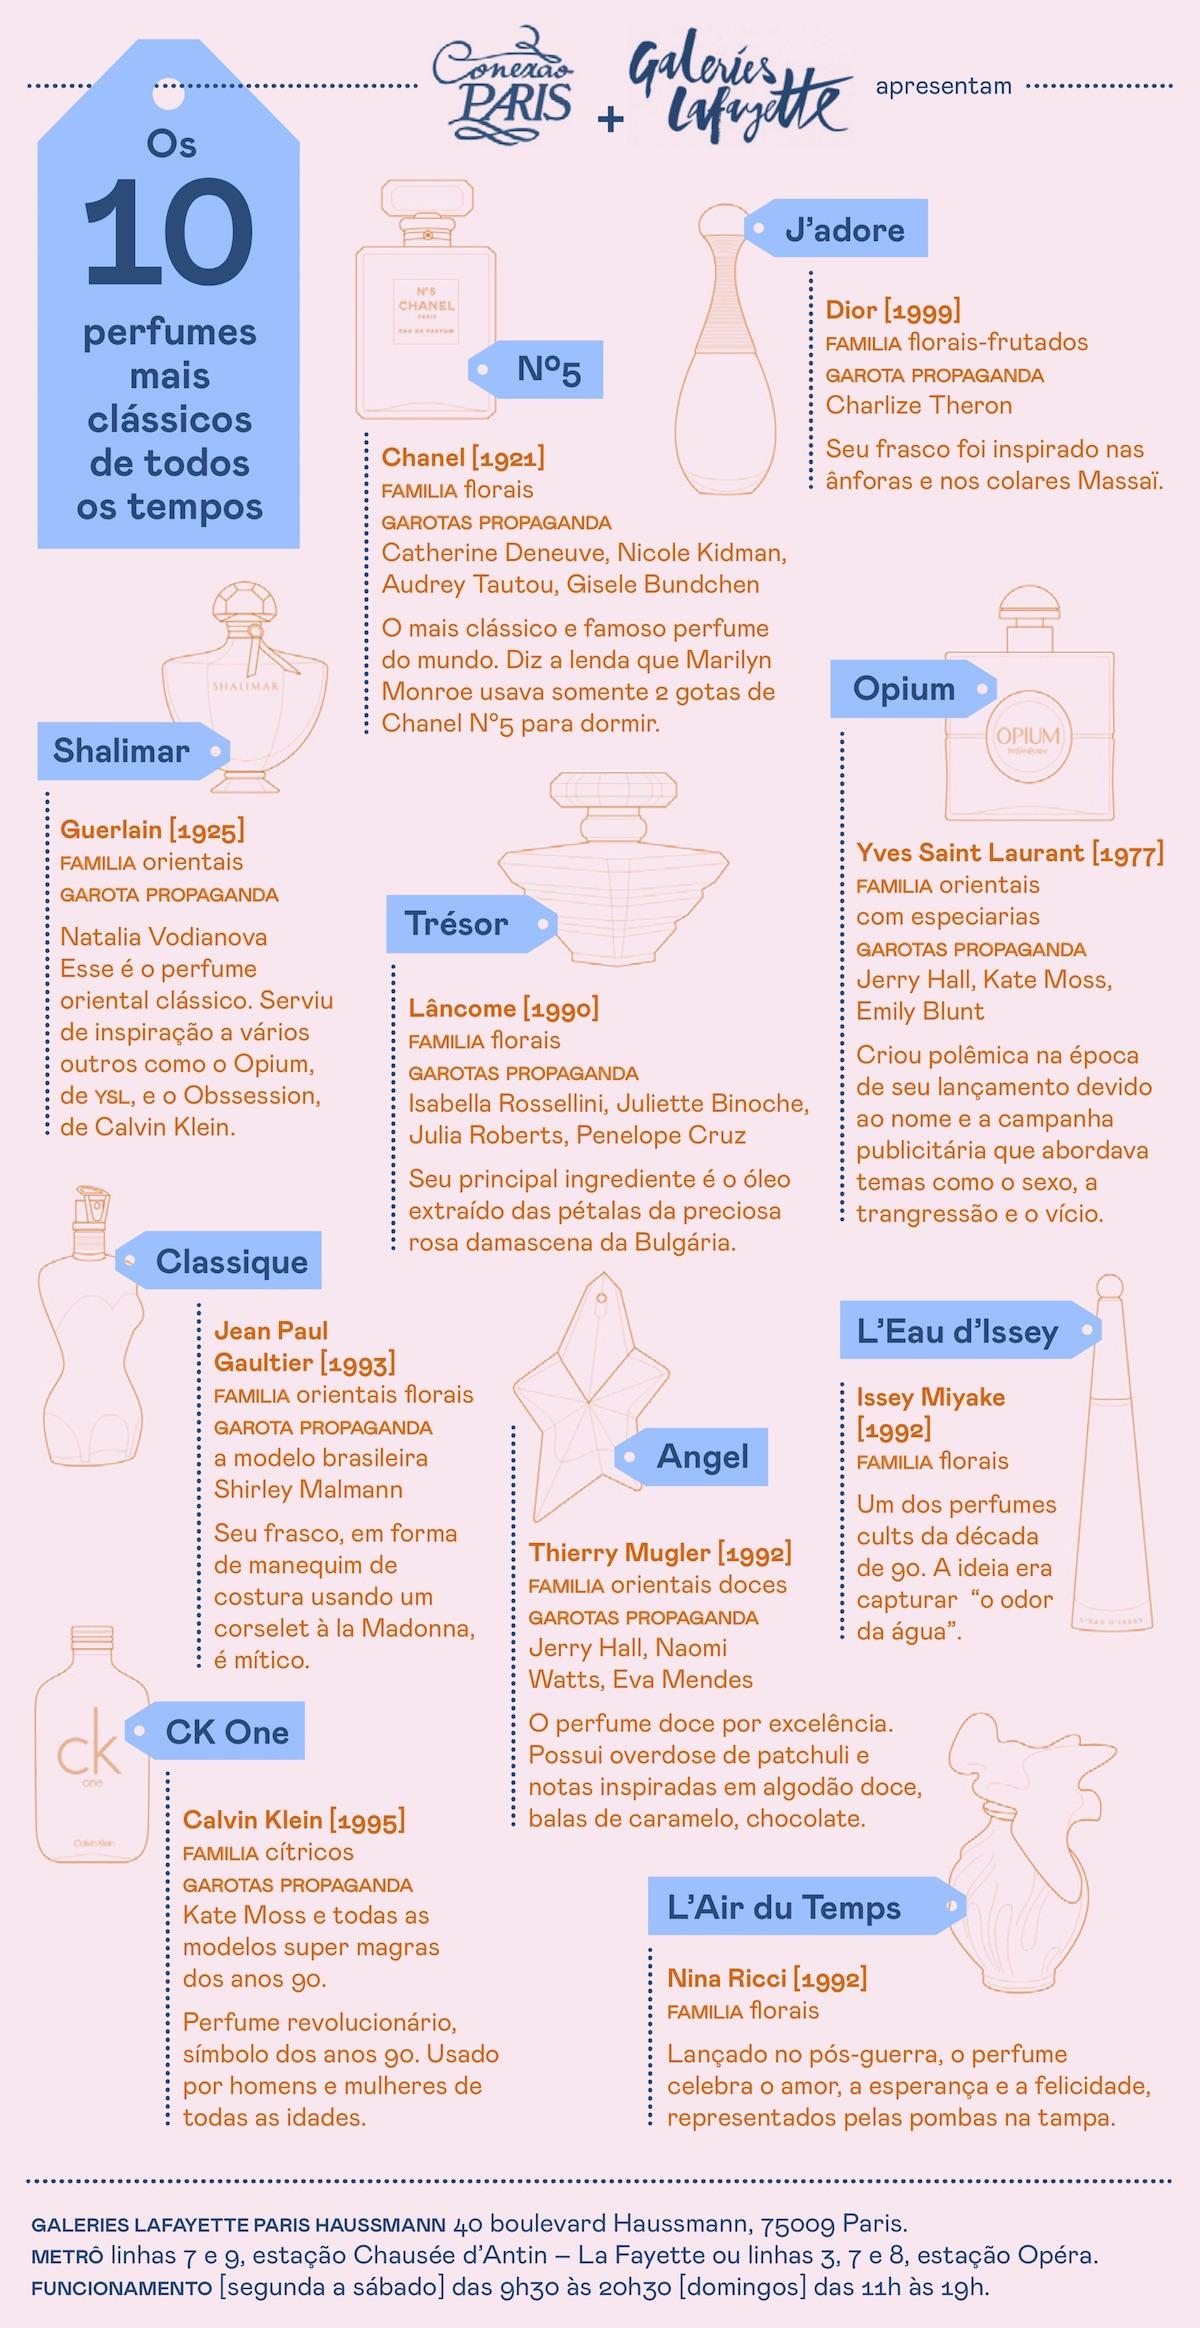 perfumes mais classicos